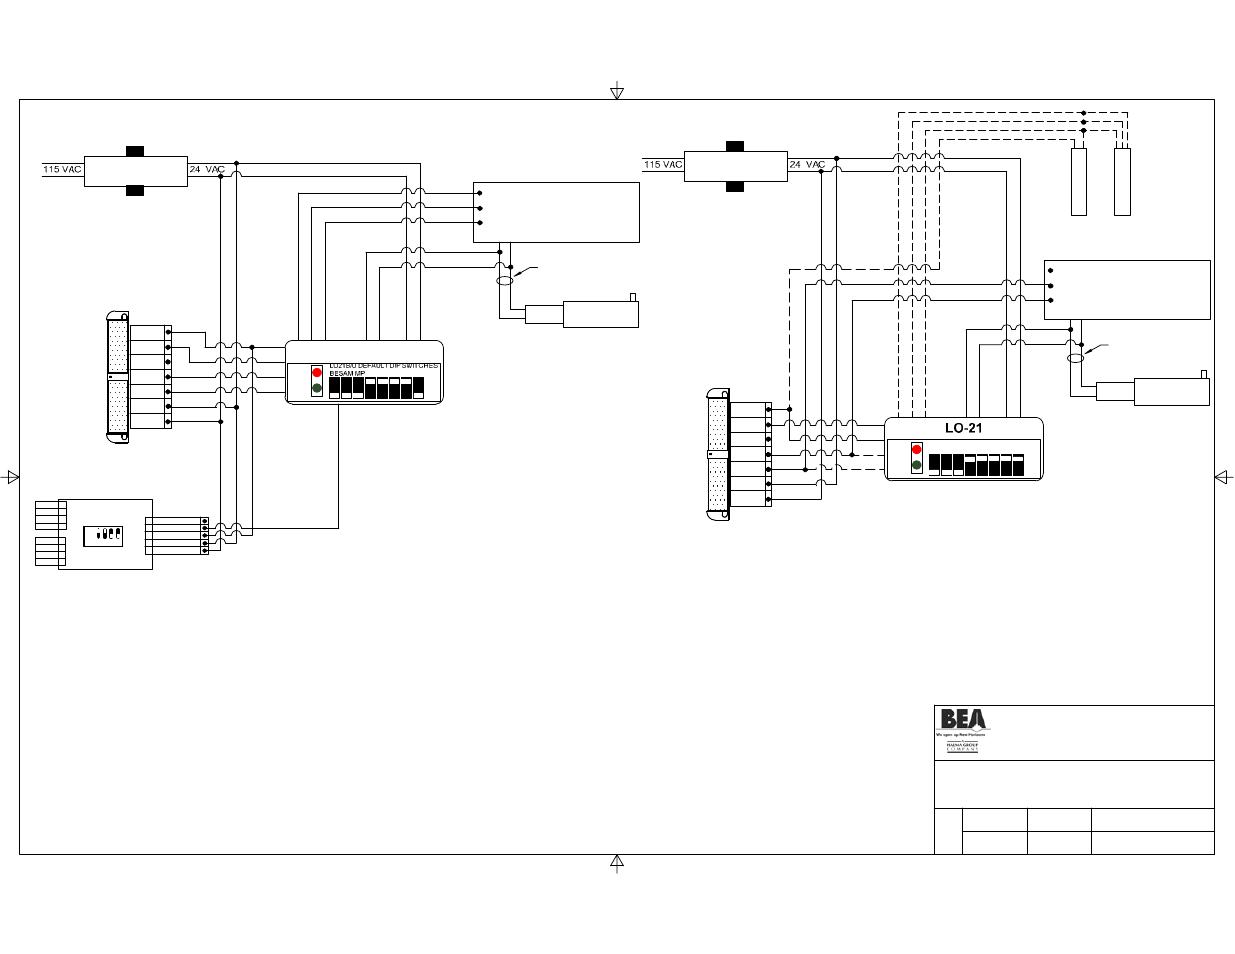 horton c2150 wiring diagram pj trailer brake 27 images